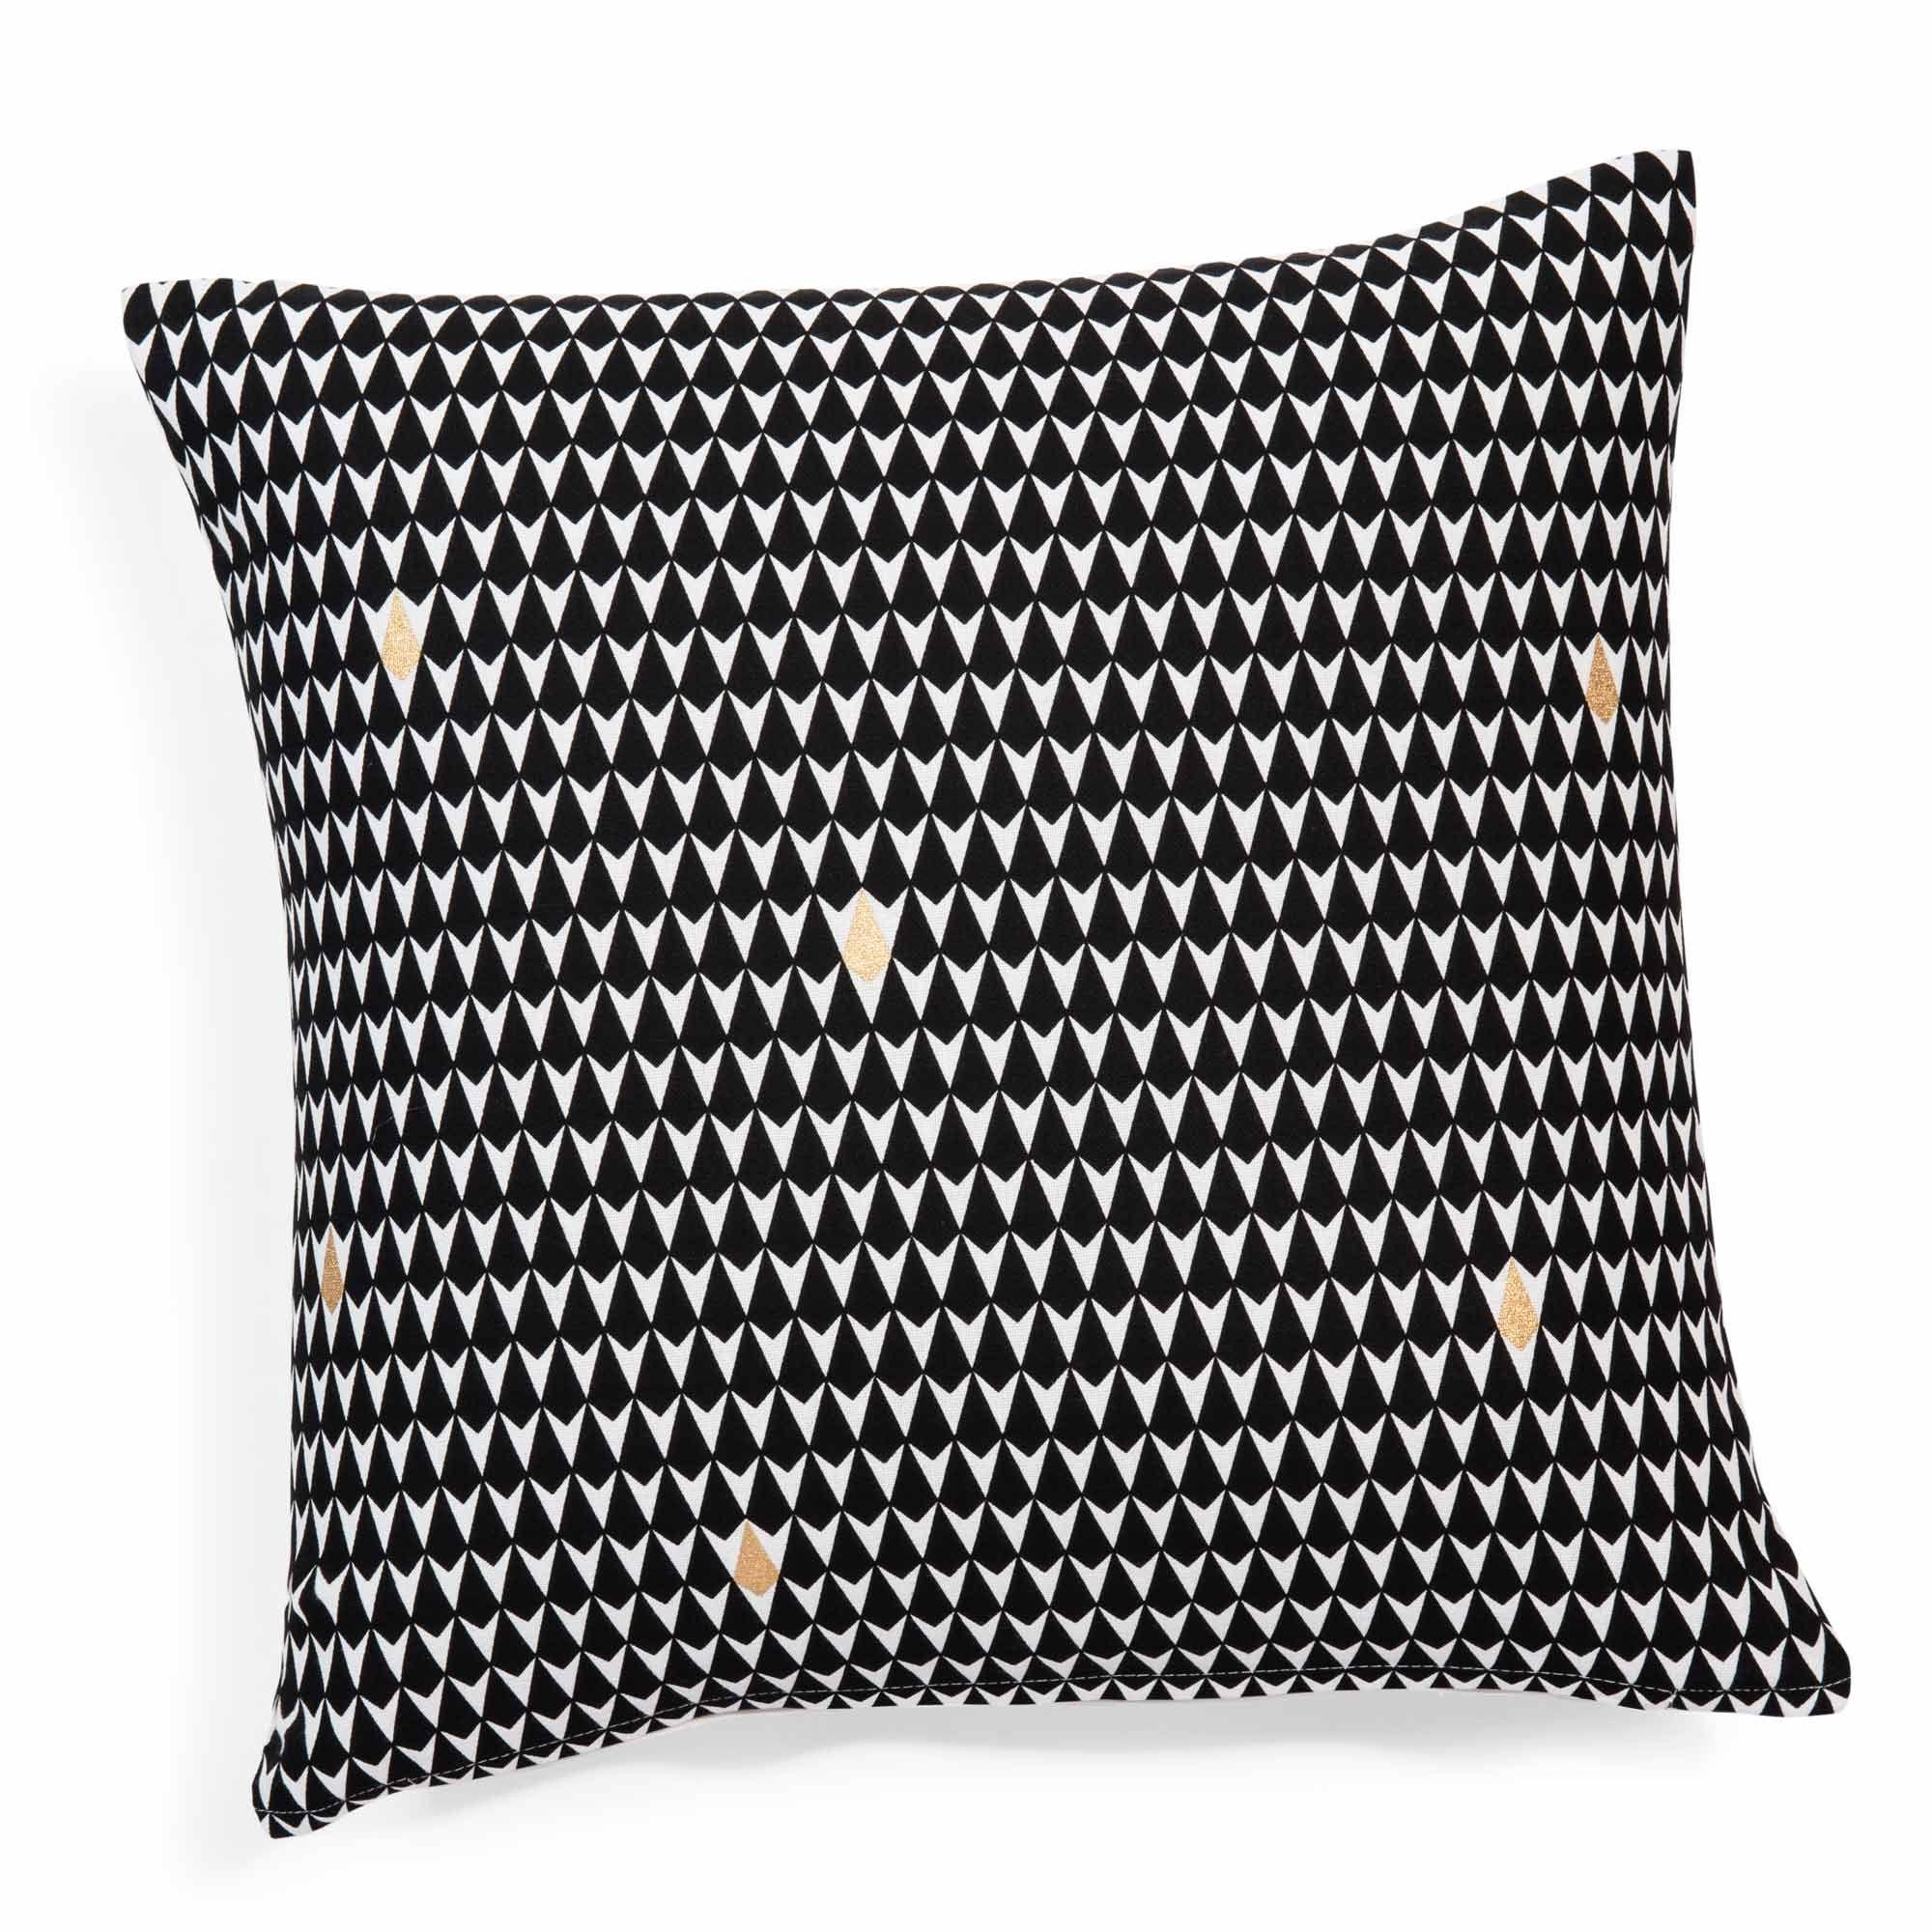 kissenbezug aus baumwolle mit dreiecksmotiven 40 x 40 cm schwarz wei marcel pinterest. Black Bedroom Furniture Sets. Home Design Ideas